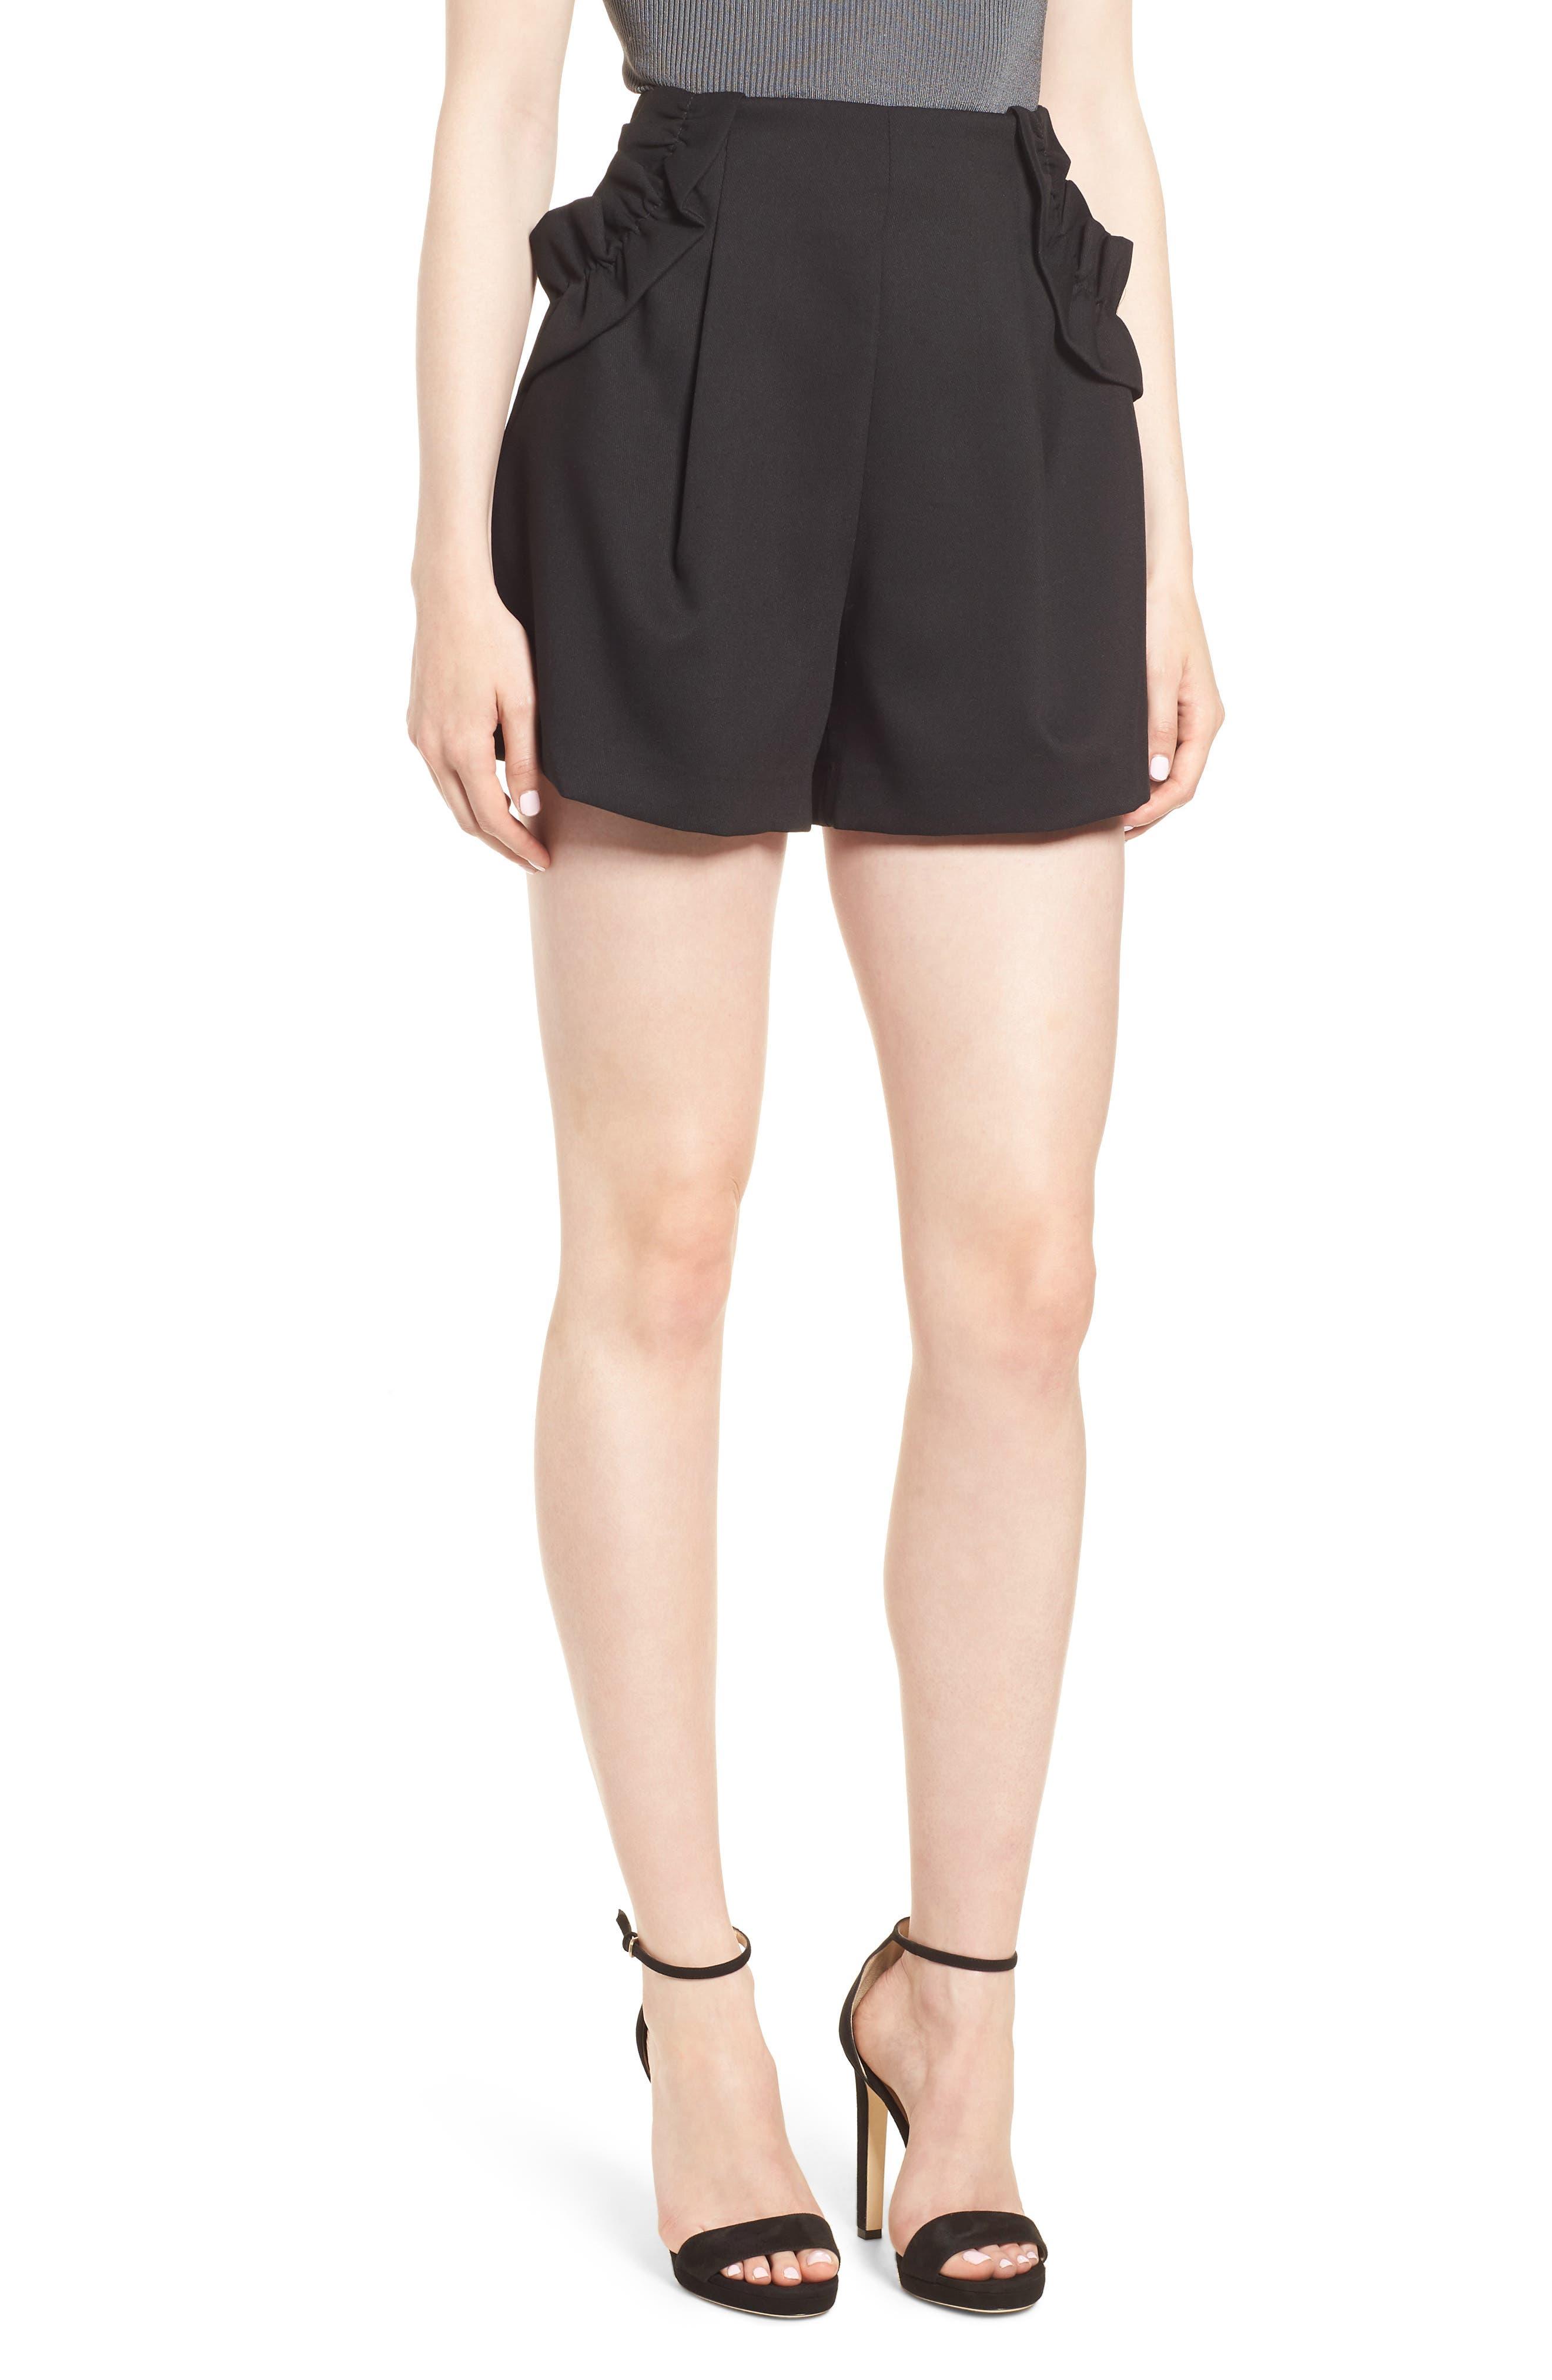 Harmony Shorts,                         Main,                         color, Black